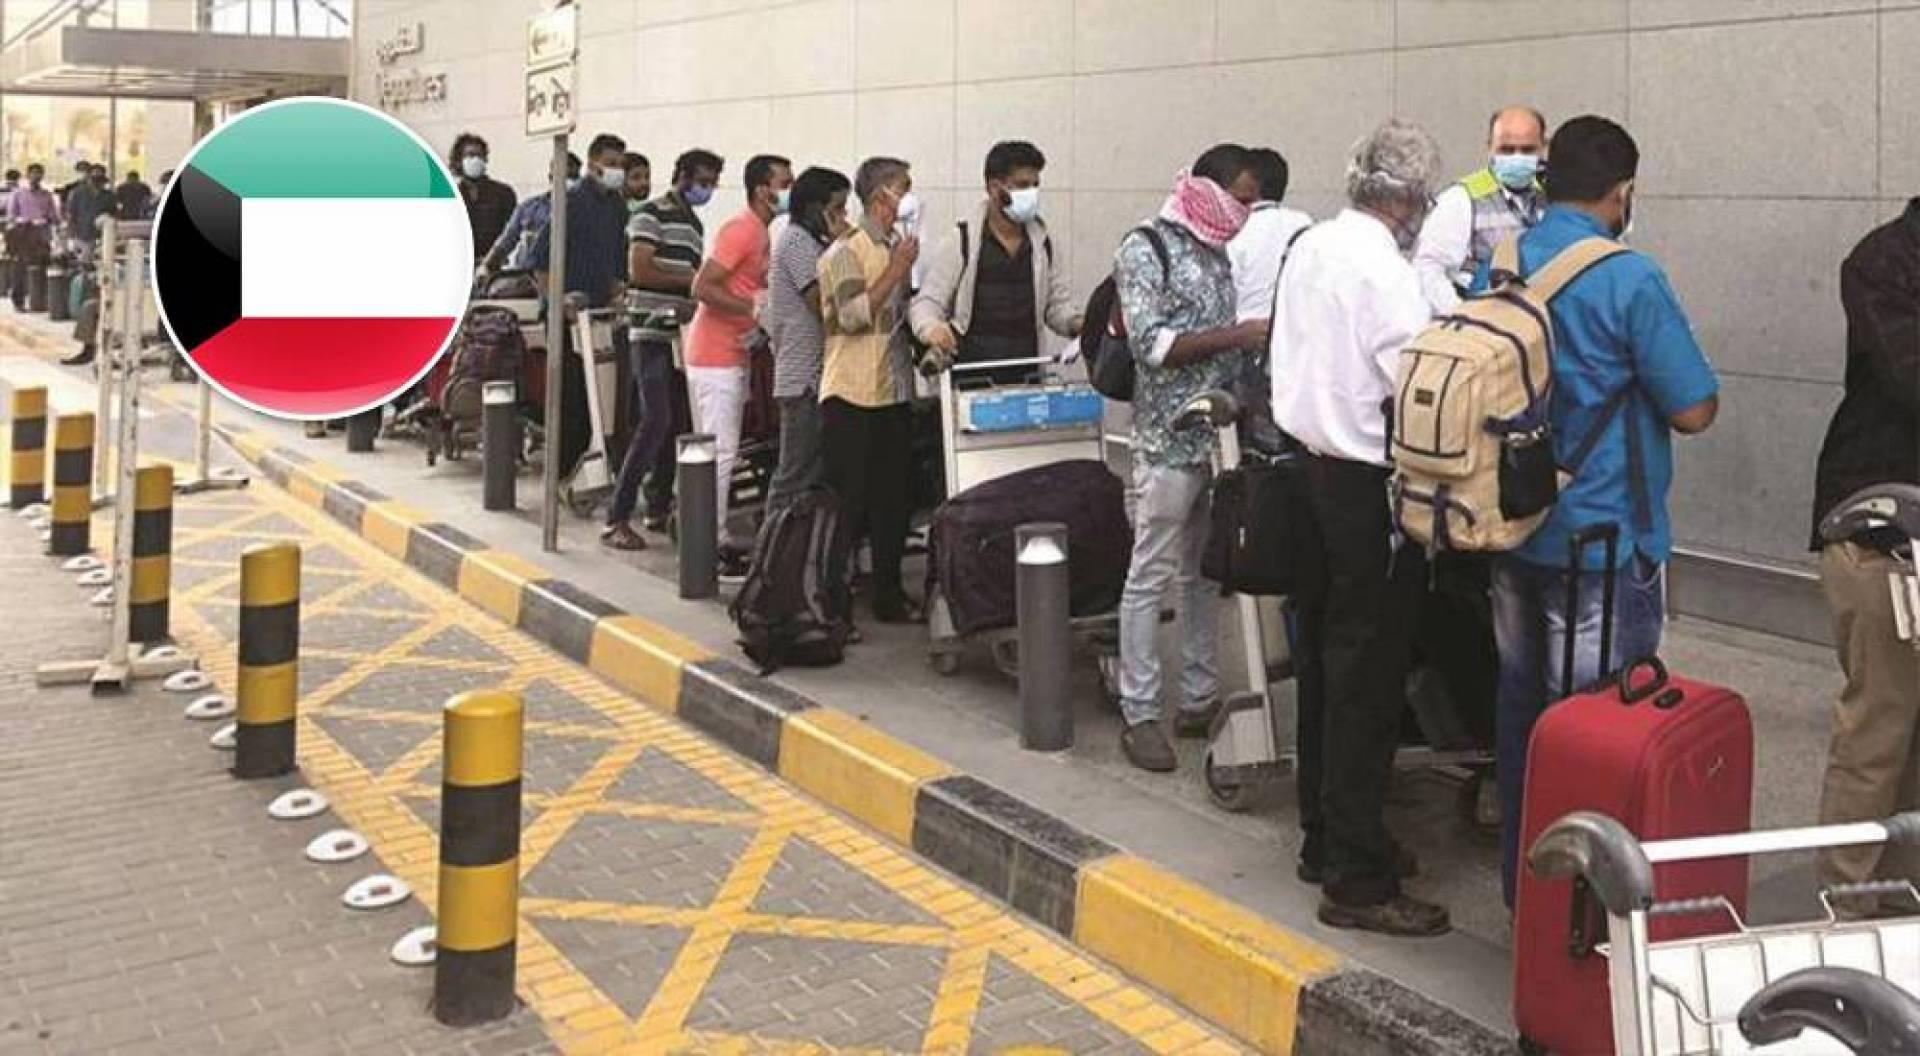 بنغاليون يضغطون على حكومتهم لتسريع عودتهم إلى الكويت